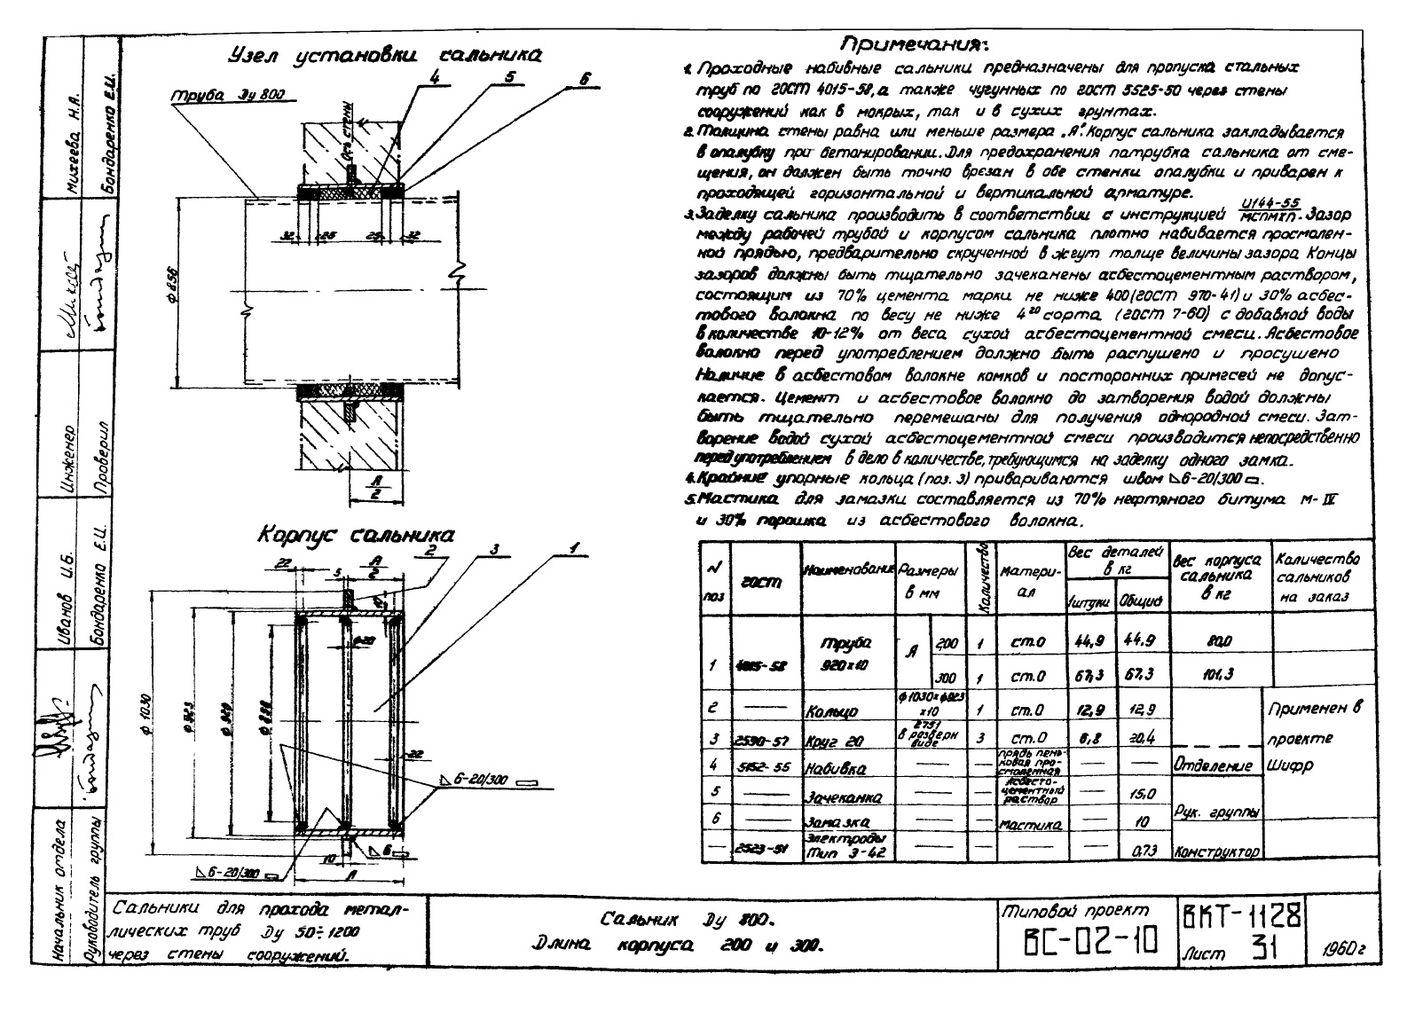 Сальники набивные L = 200 мм типовой проект ВС-02-10 стр.15